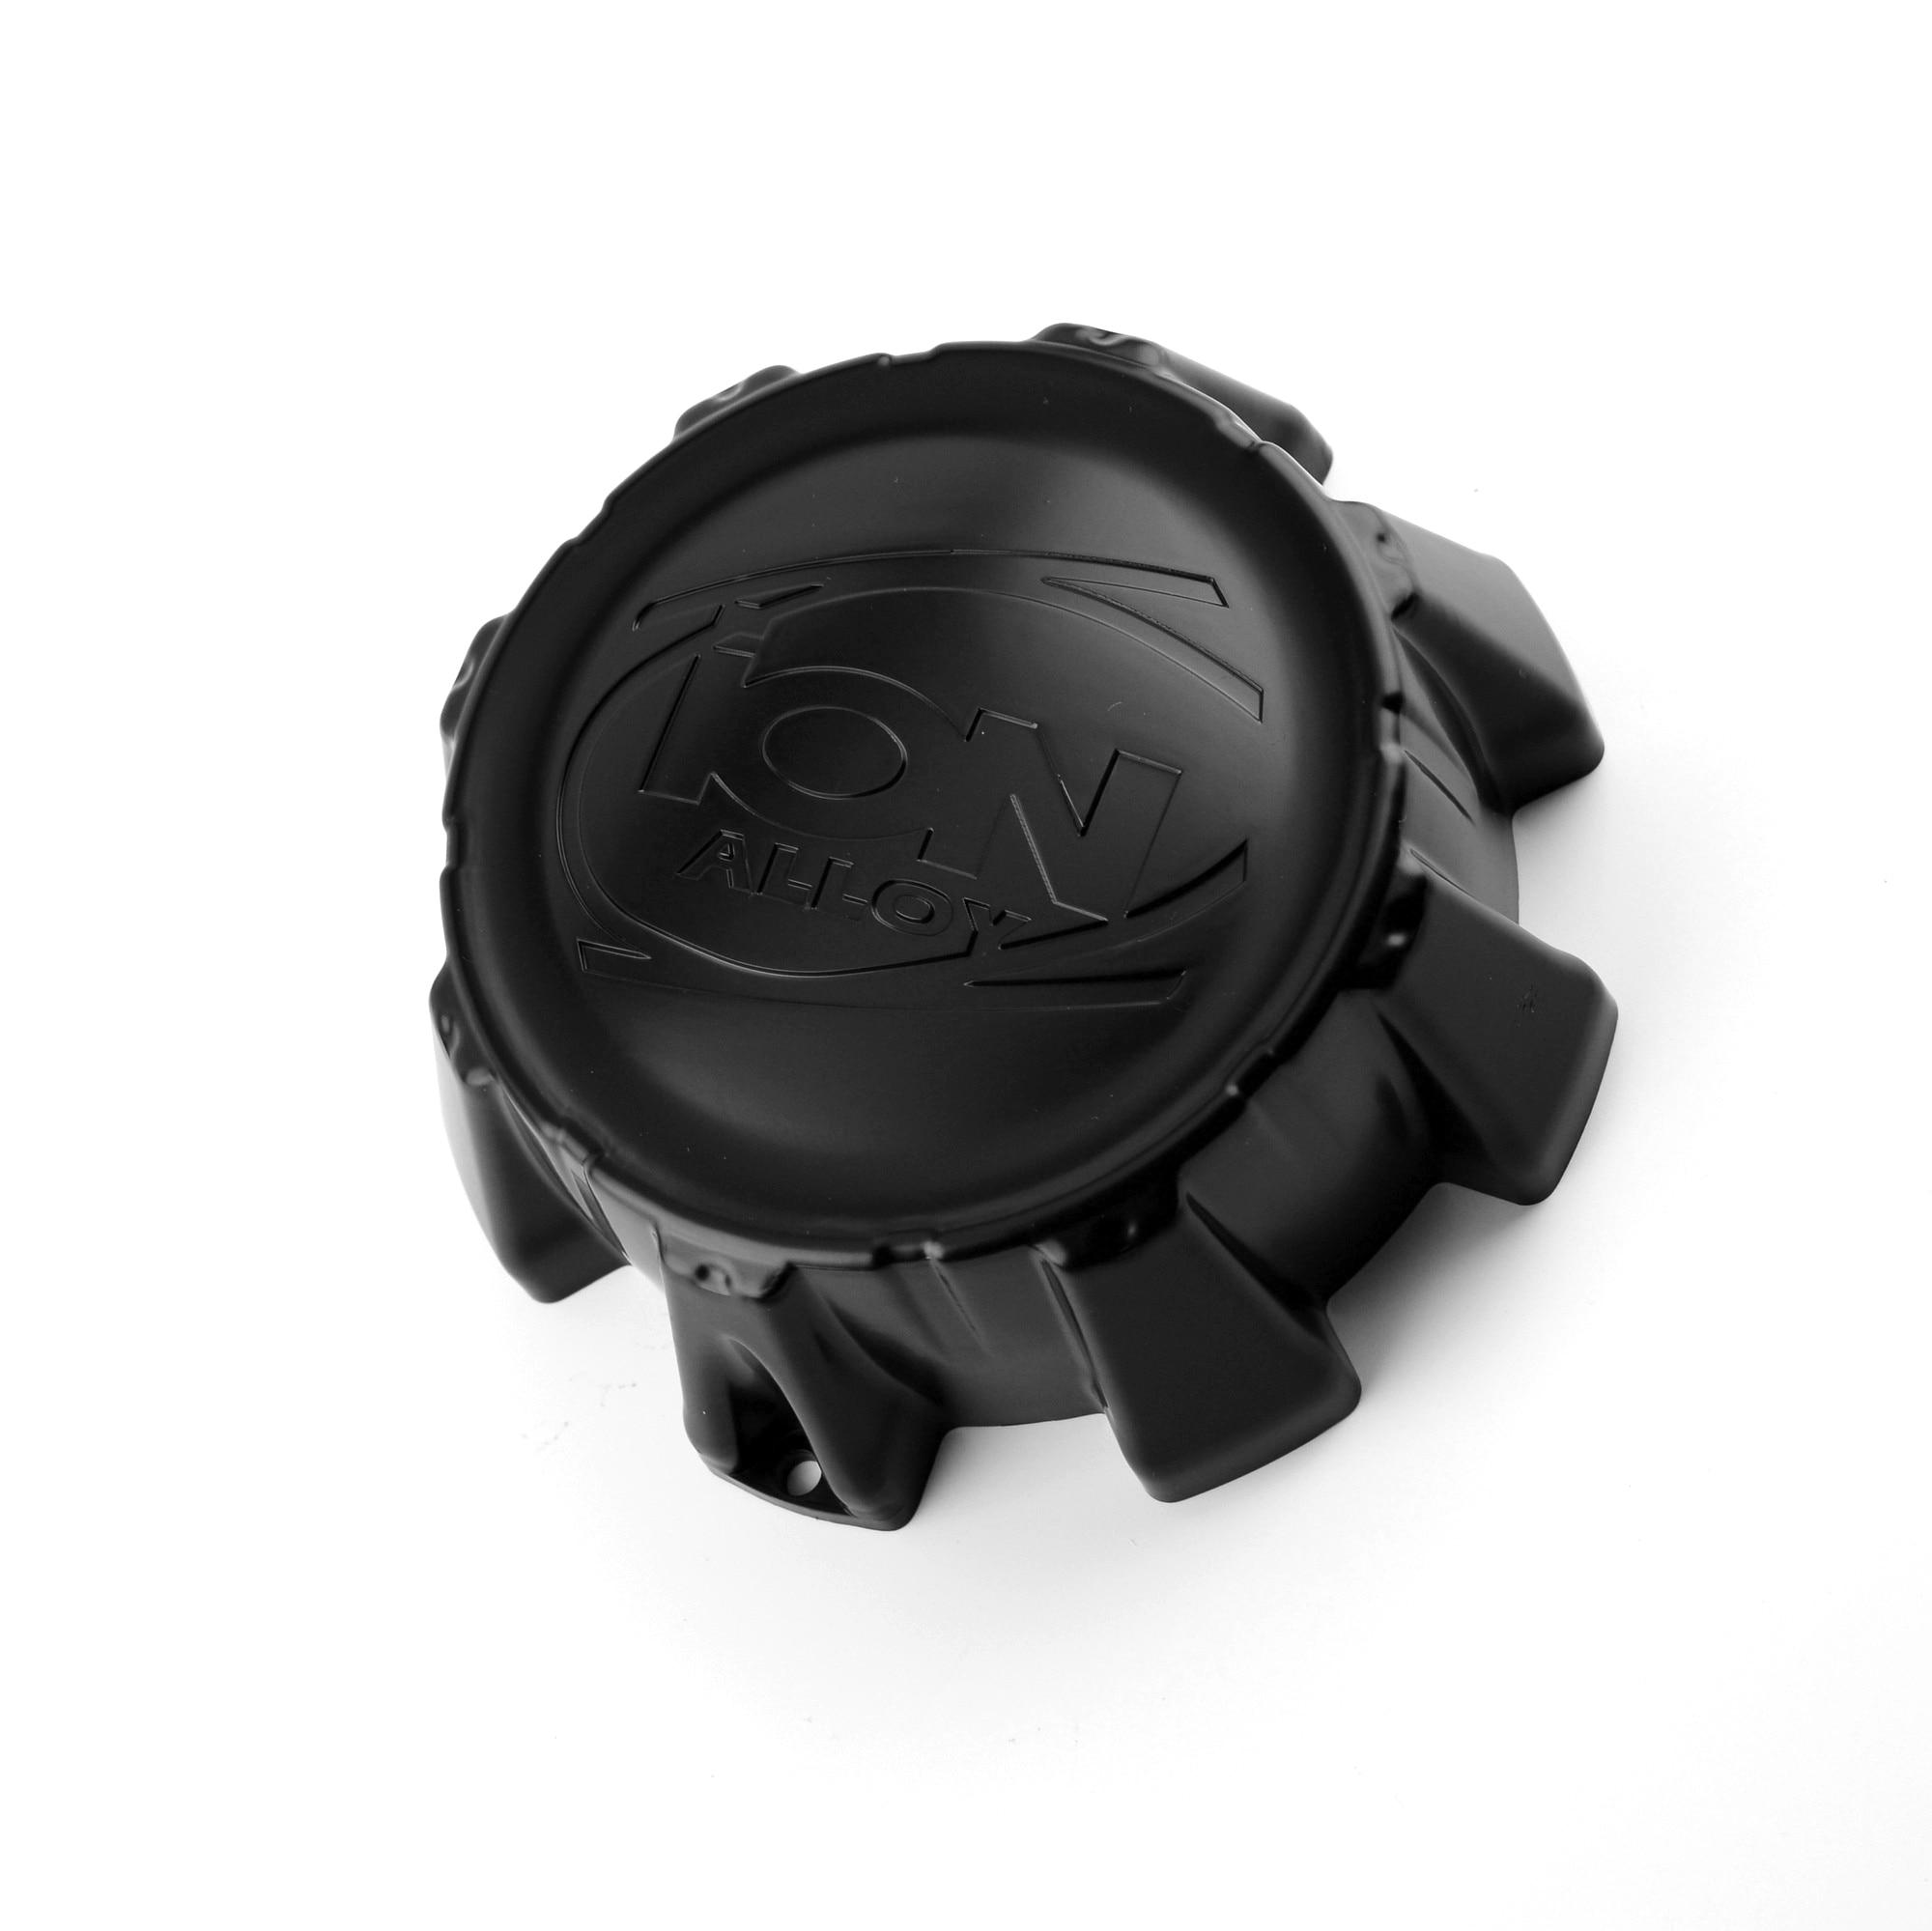 4 piezas 163mm de centro de la rueda tapas para Ion 179 Aleación de 2 ruedas terminal negra mate del coche de centro de la rueda accesorios para el coche C101714MB